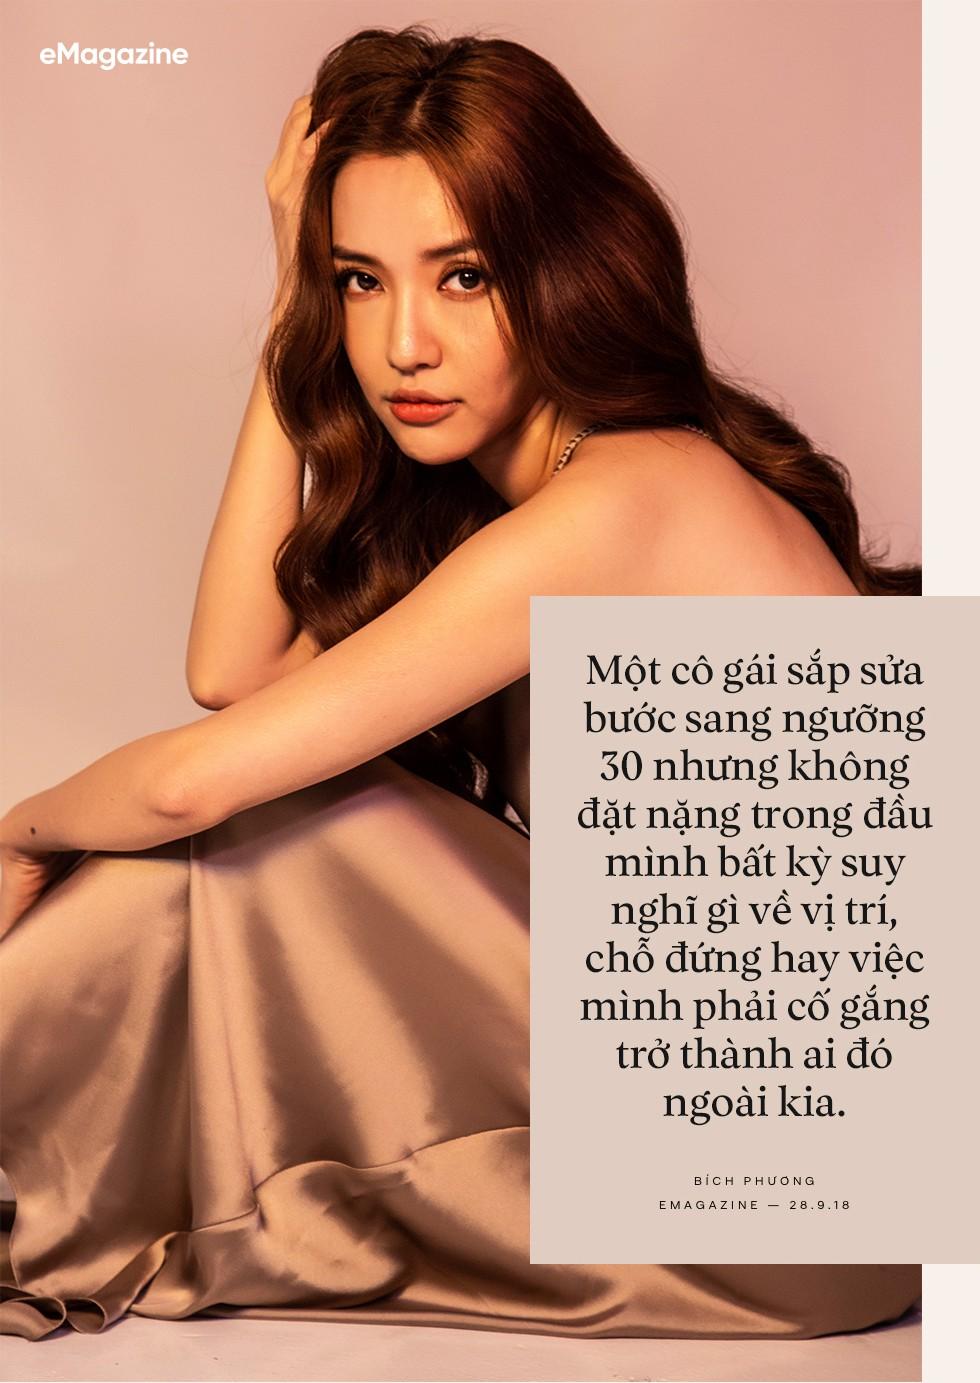 Bích Phương: Chuyện chưa kể về nữ ca sĩ 7 năm quen mình trong ballad, váy dài và những câu chuyện một mình… - Ảnh 4.